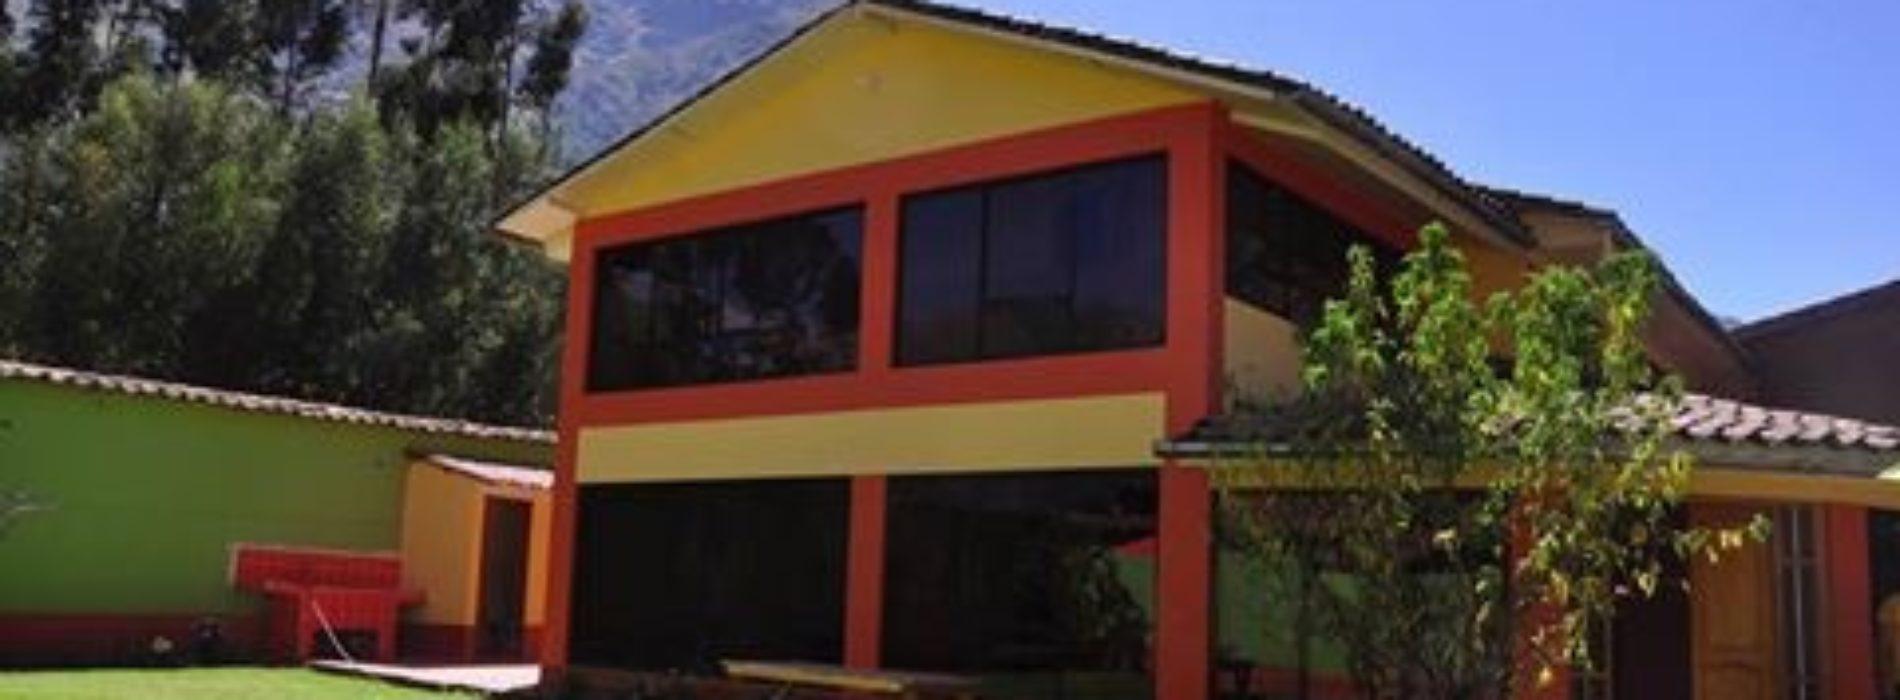 Peru Kutsal Vadide Gezginlere Açık Kapı ( Röportaj )